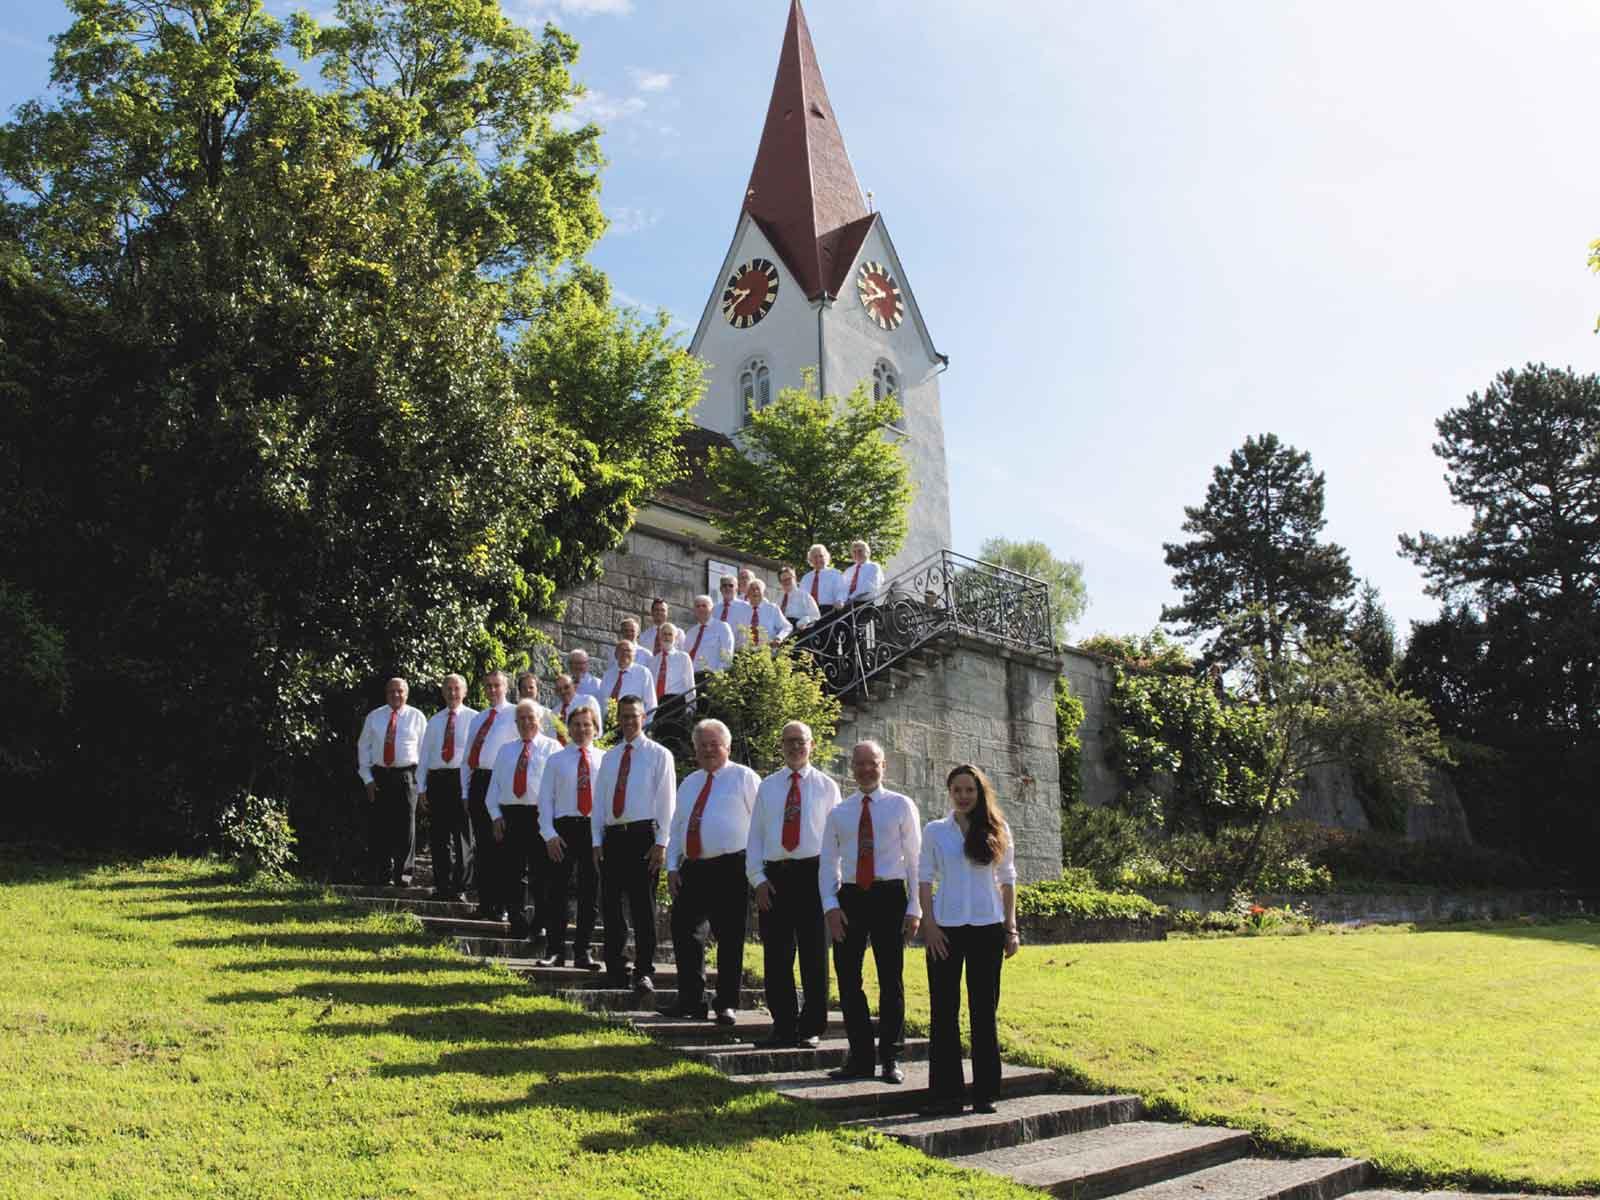 Der stolze Männerchor mit Dirigentin vor der Reformierten Kirche Höngg.